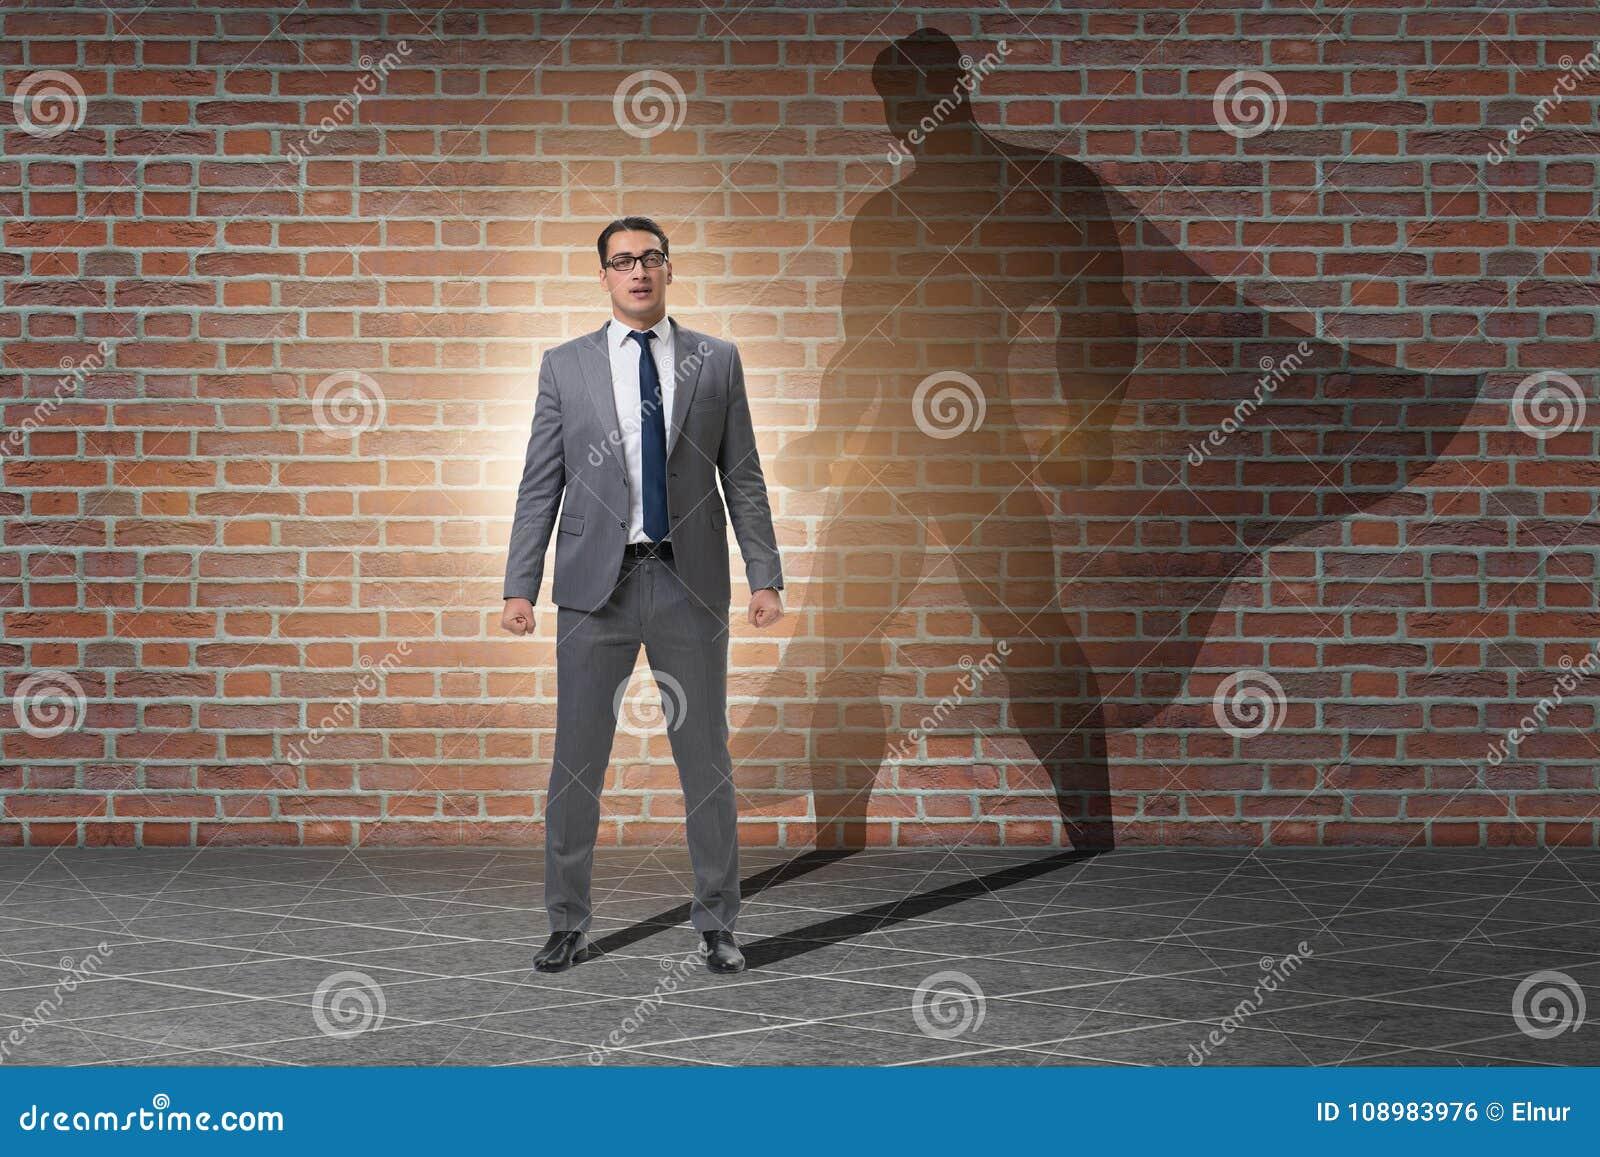 Ο επιχειρηματίας με τη φιλοδοξία να γίνει superhero